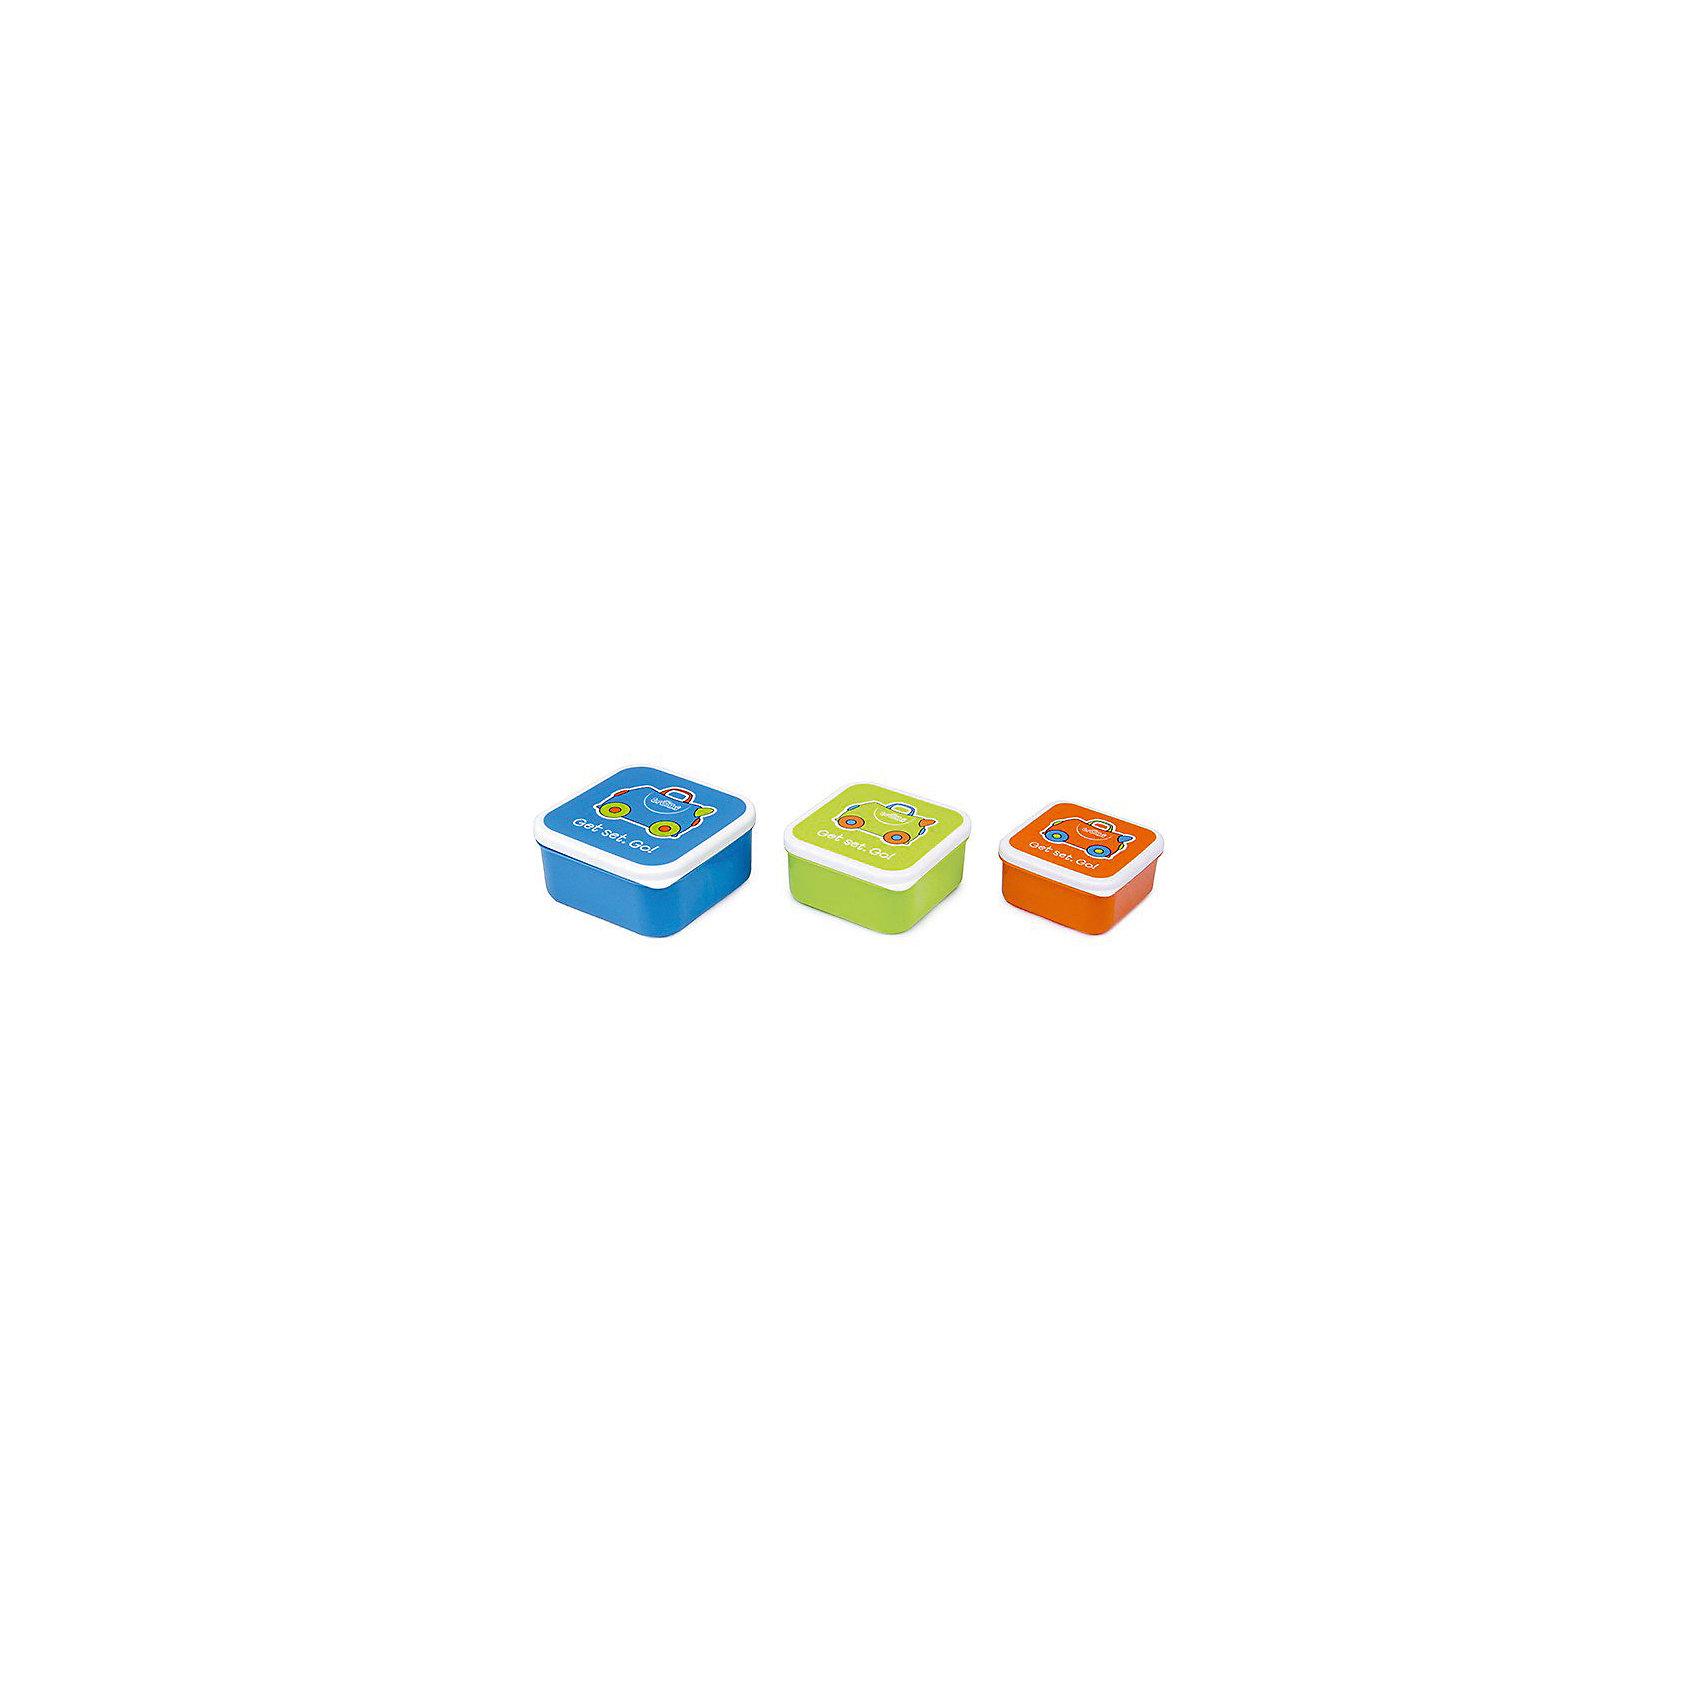 Контейнеры для еды 3 шт, голубой, оранжевый, зеленыйБутылки для воды и бутербродницы<br>Характеристики товара:<br><br>• возраст от 5 лет;<br>• материал: пластик;<br>• размер боксов 12x12x5,5 см, 10,5x10,5x5 см, 9x9x4,5 см;<br>• вес 250 гр.;<br>• страна производитель: Китай.<br><br>Контейнеры для еды 3 шт. Trunki голубой, оранжевый, зеленый позволяют брать с собой любимые блюда и закуски в путешествие, на пикник в парк или в школу. Крышки контейнеров украшены рисунком. Контейнеры изготовлены из качественного безопасного пластика. Нижняя часть контейнера моется в посудомоечной машине. Контейнеры не предназначены для использования в микроволновой печи.<br><br>Контейнеры для еды 3 шт. Trunki голубой, оранжевый, зеленый можно приобрести в нашем интернет-магазине.<br><br>Ширина мм: 120<br>Глубина мм: 55<br>Высота мм: 120<br>Вес г: 250<br>Возраст от месяцев: 60<br>Возраст до месяцев: 2147483647<br>Пол: Унисекс<br>Возраст: Детский<br>SKU: 5509347